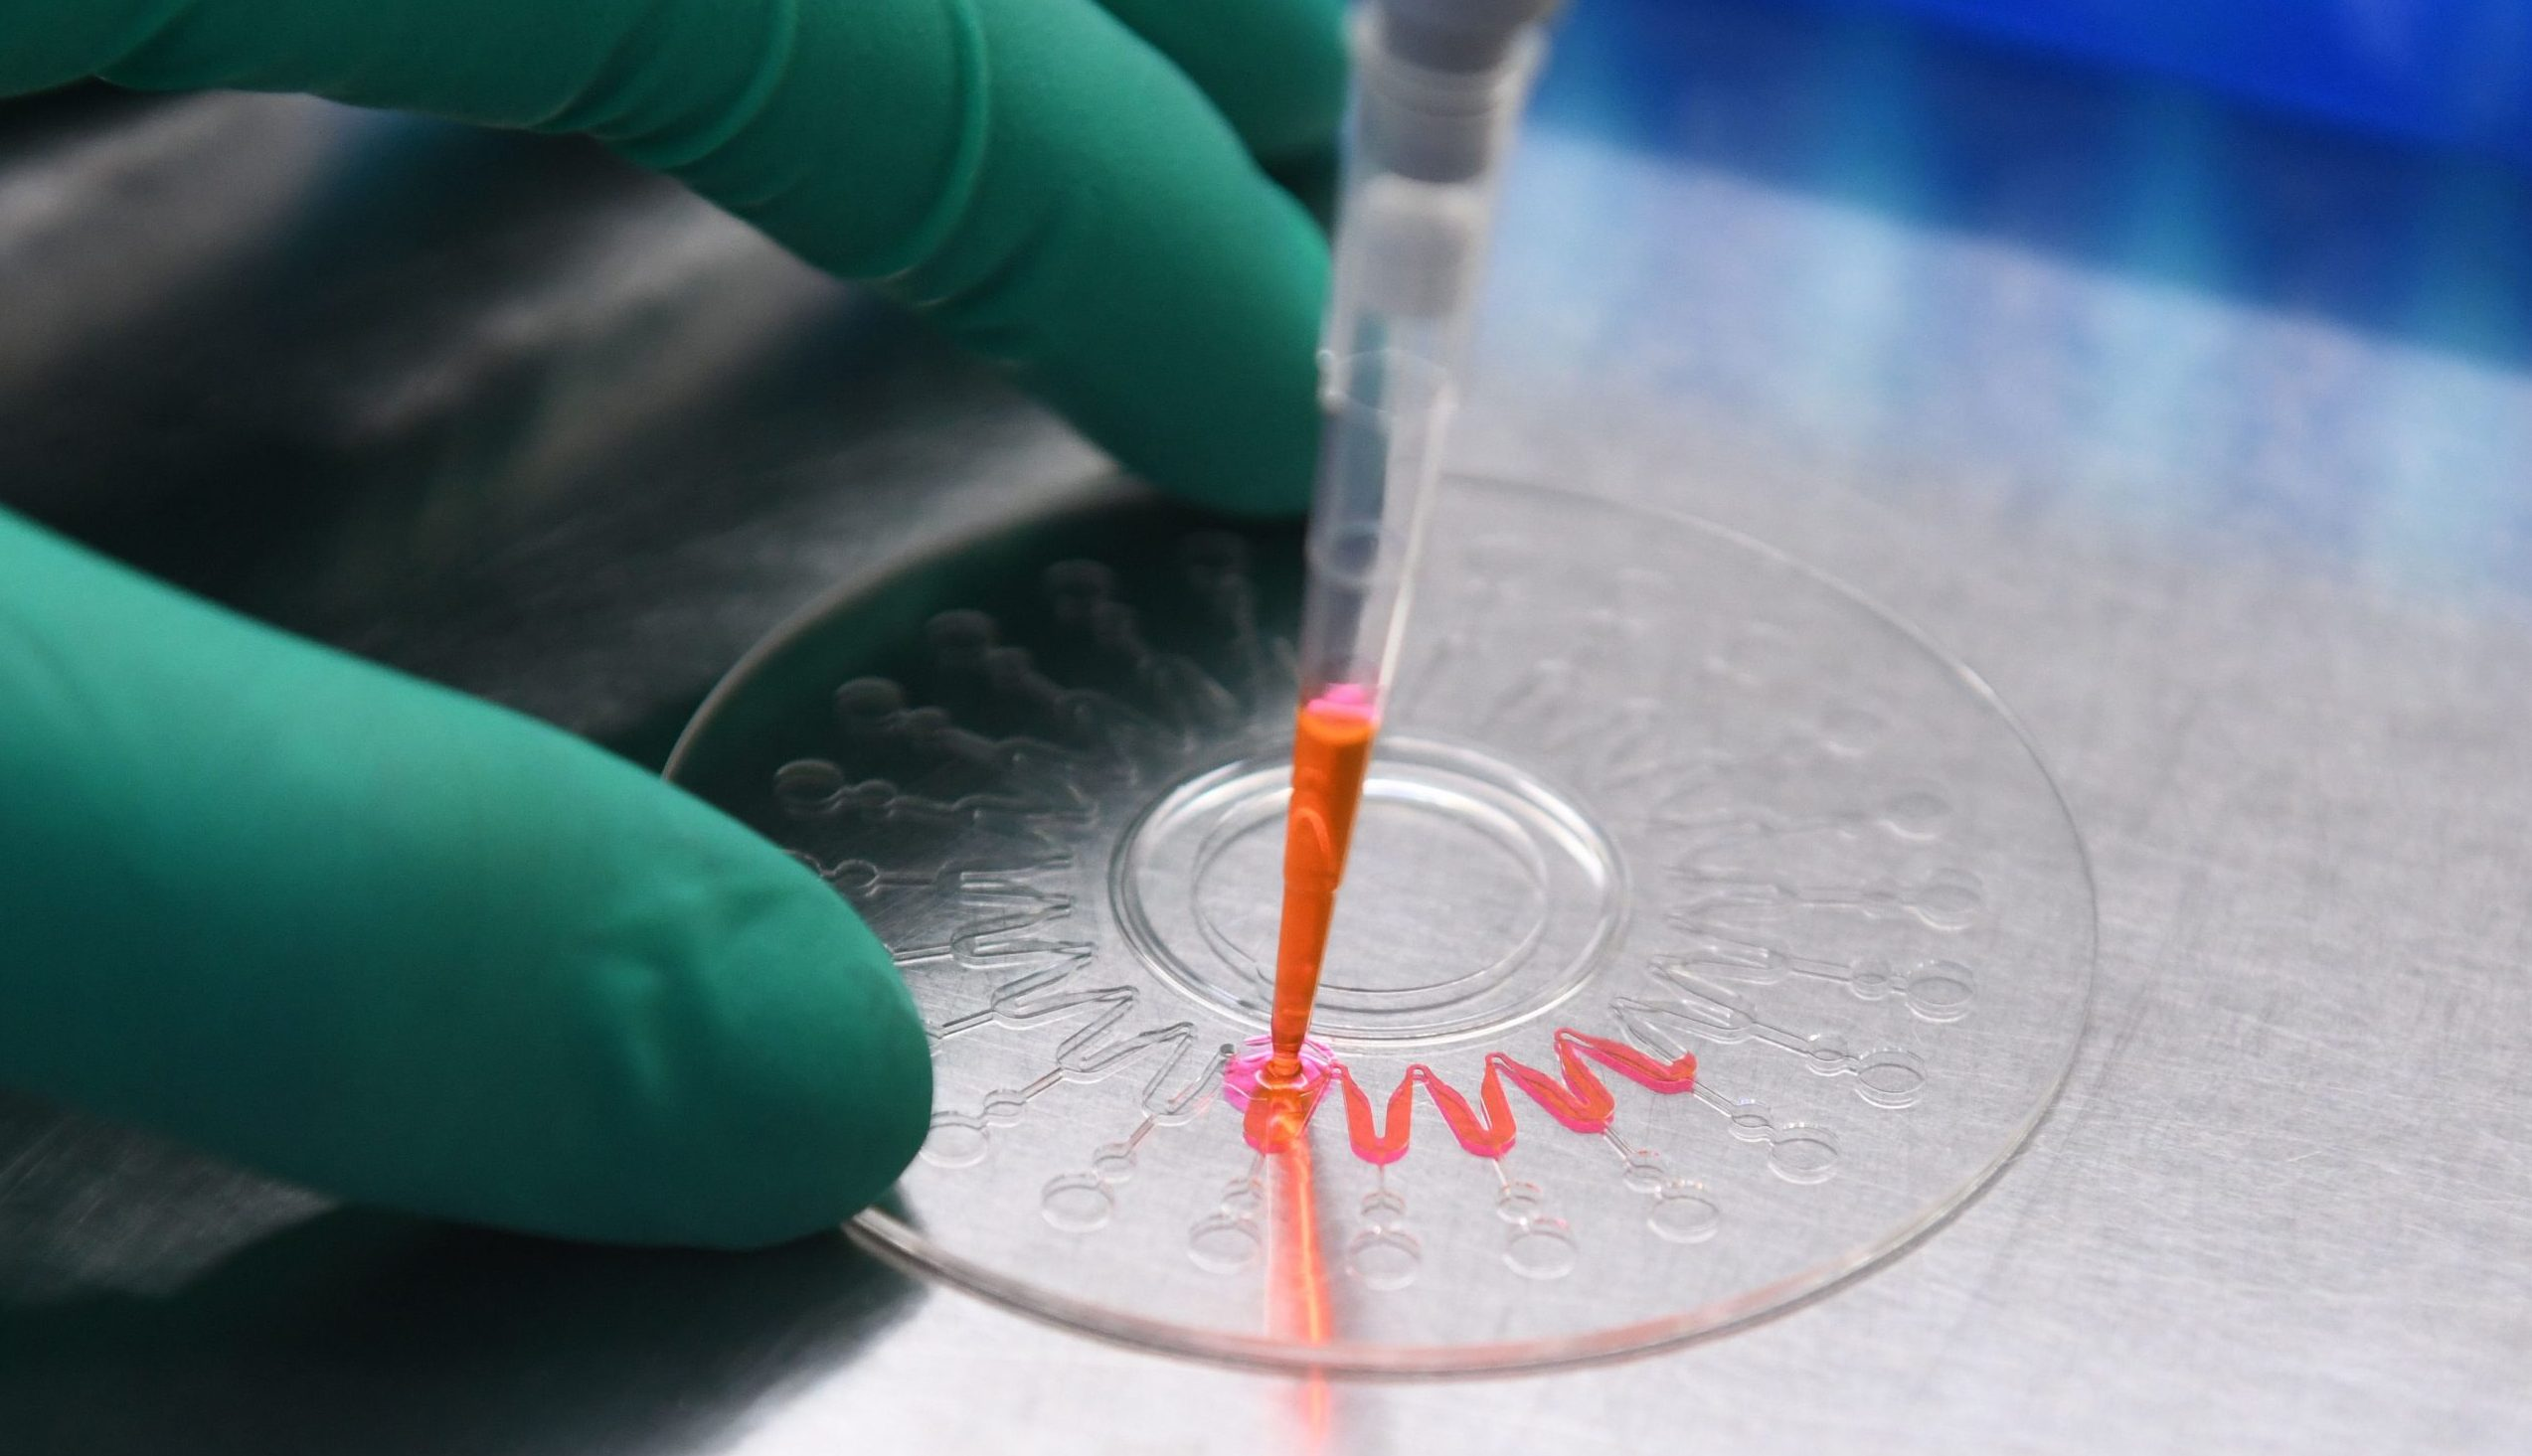 """Laborthese """"zu umständlich"""": Charité-Virologe Drosten glaubt nicht an Virus aus Labor"""